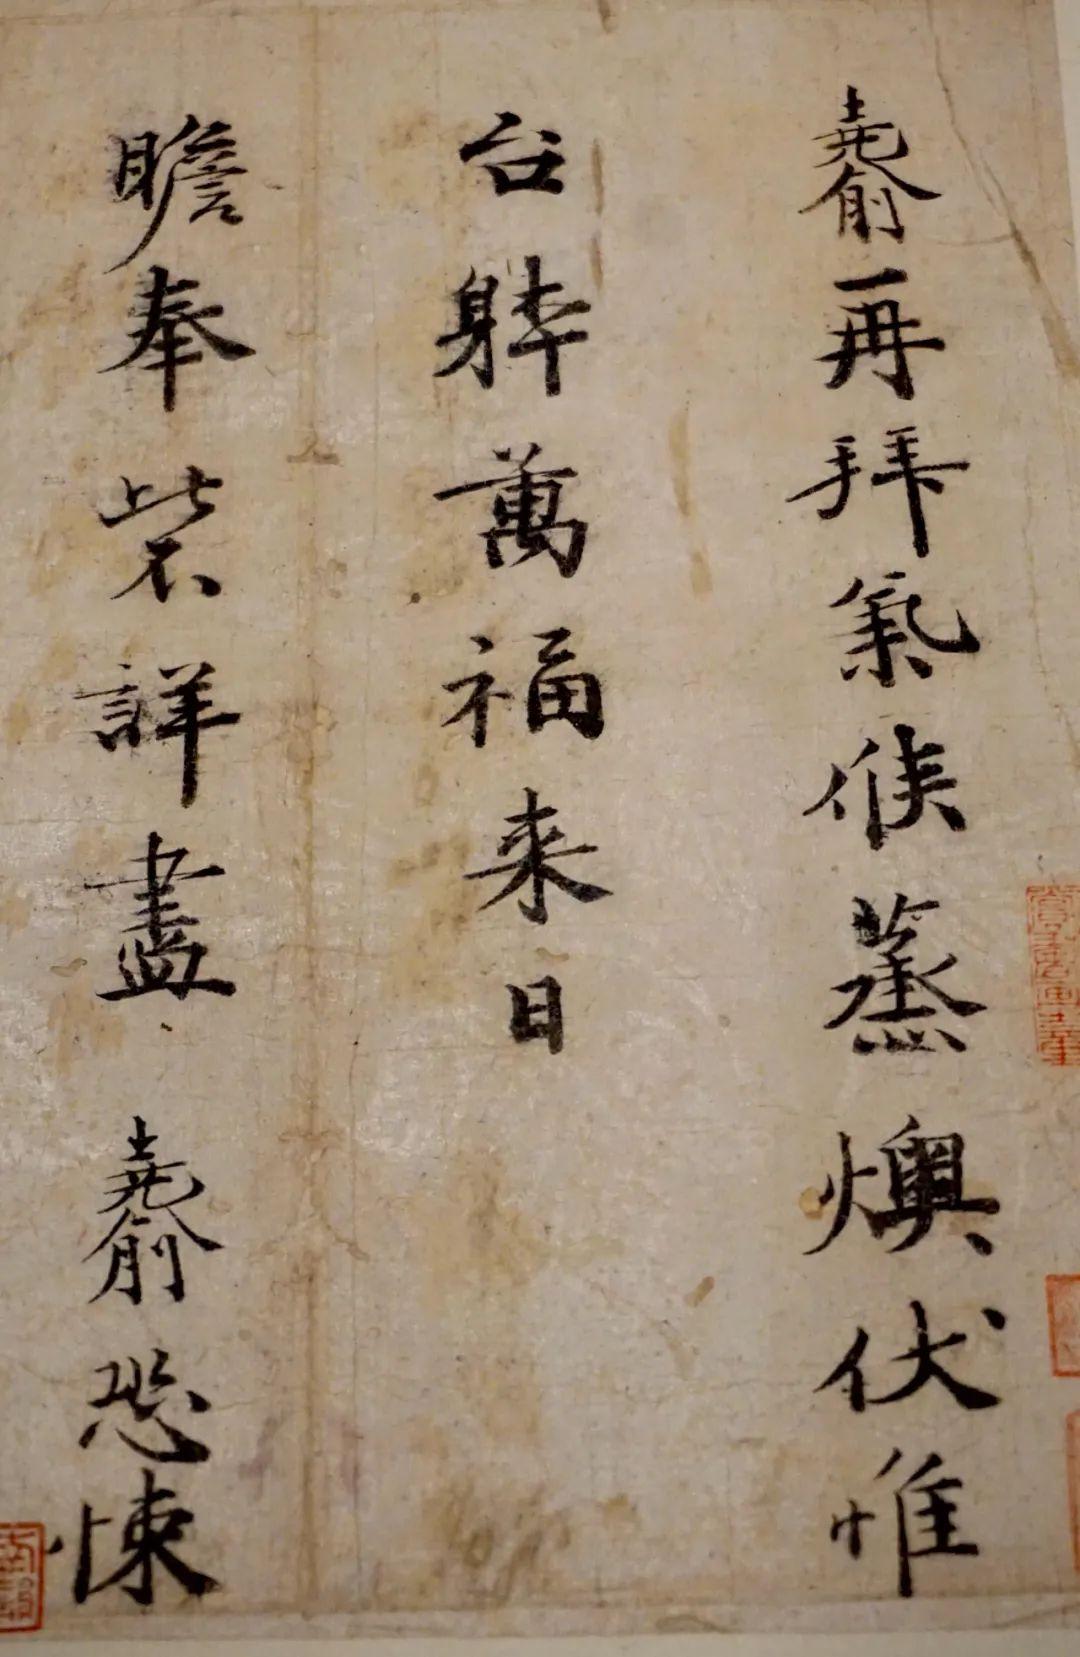 傅尧俞《蒸燠帖》(以下图片均来自苏轼特展)